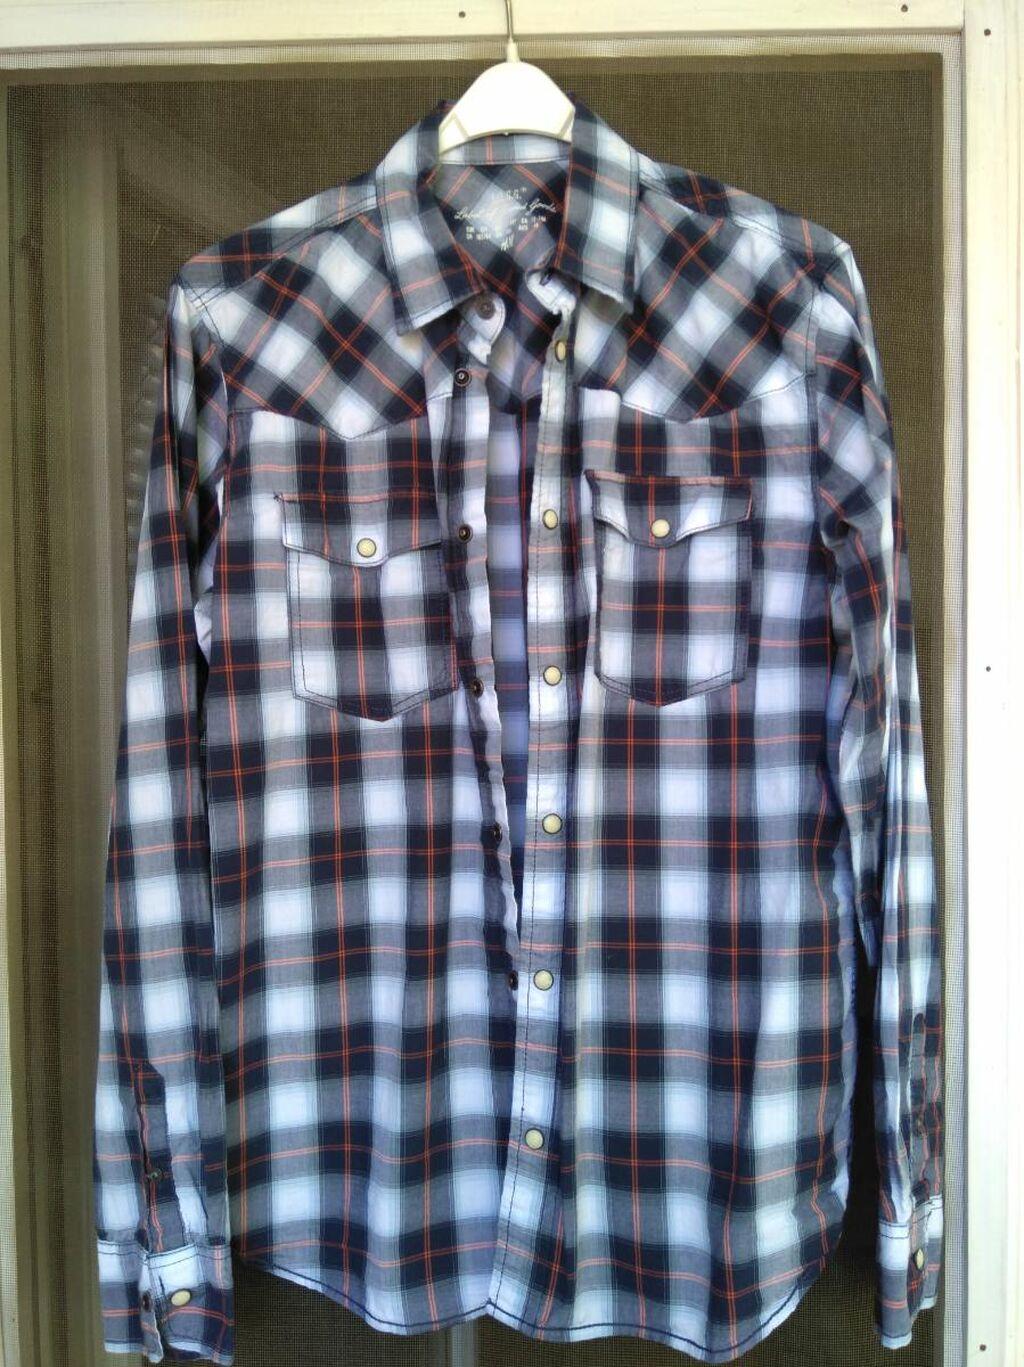 Košulja za decake, HM, veličina 164, 100% pamuk, bez oštećenja